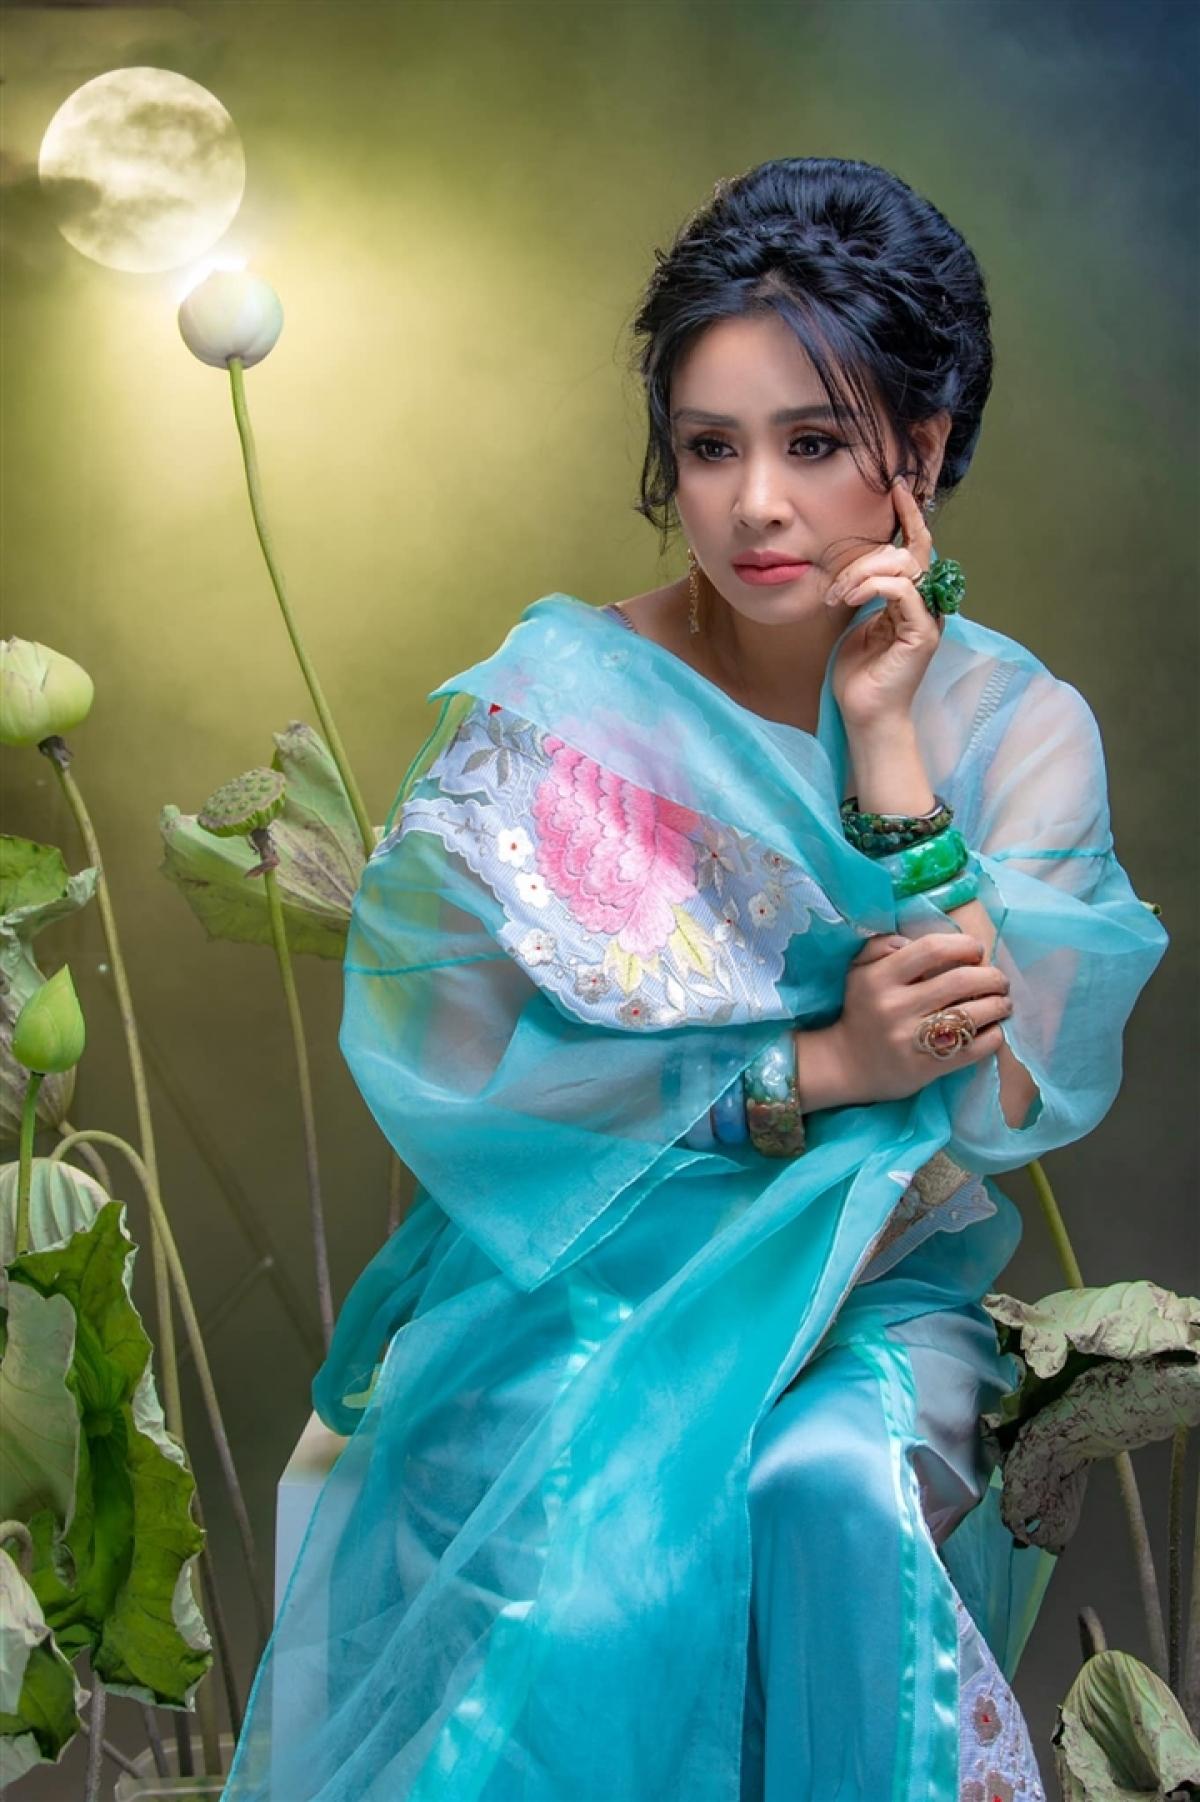 """Hiện Thanh Lam sống trong mật ngọt tình yêu với bác sĩ Bùi Tiến Hùng, người yêu chị say đắm và từng nói về bạn gái: """"Thanh Lam dữ dội ở đâu? Tôi chỉ thấy dịu dàng""""."""